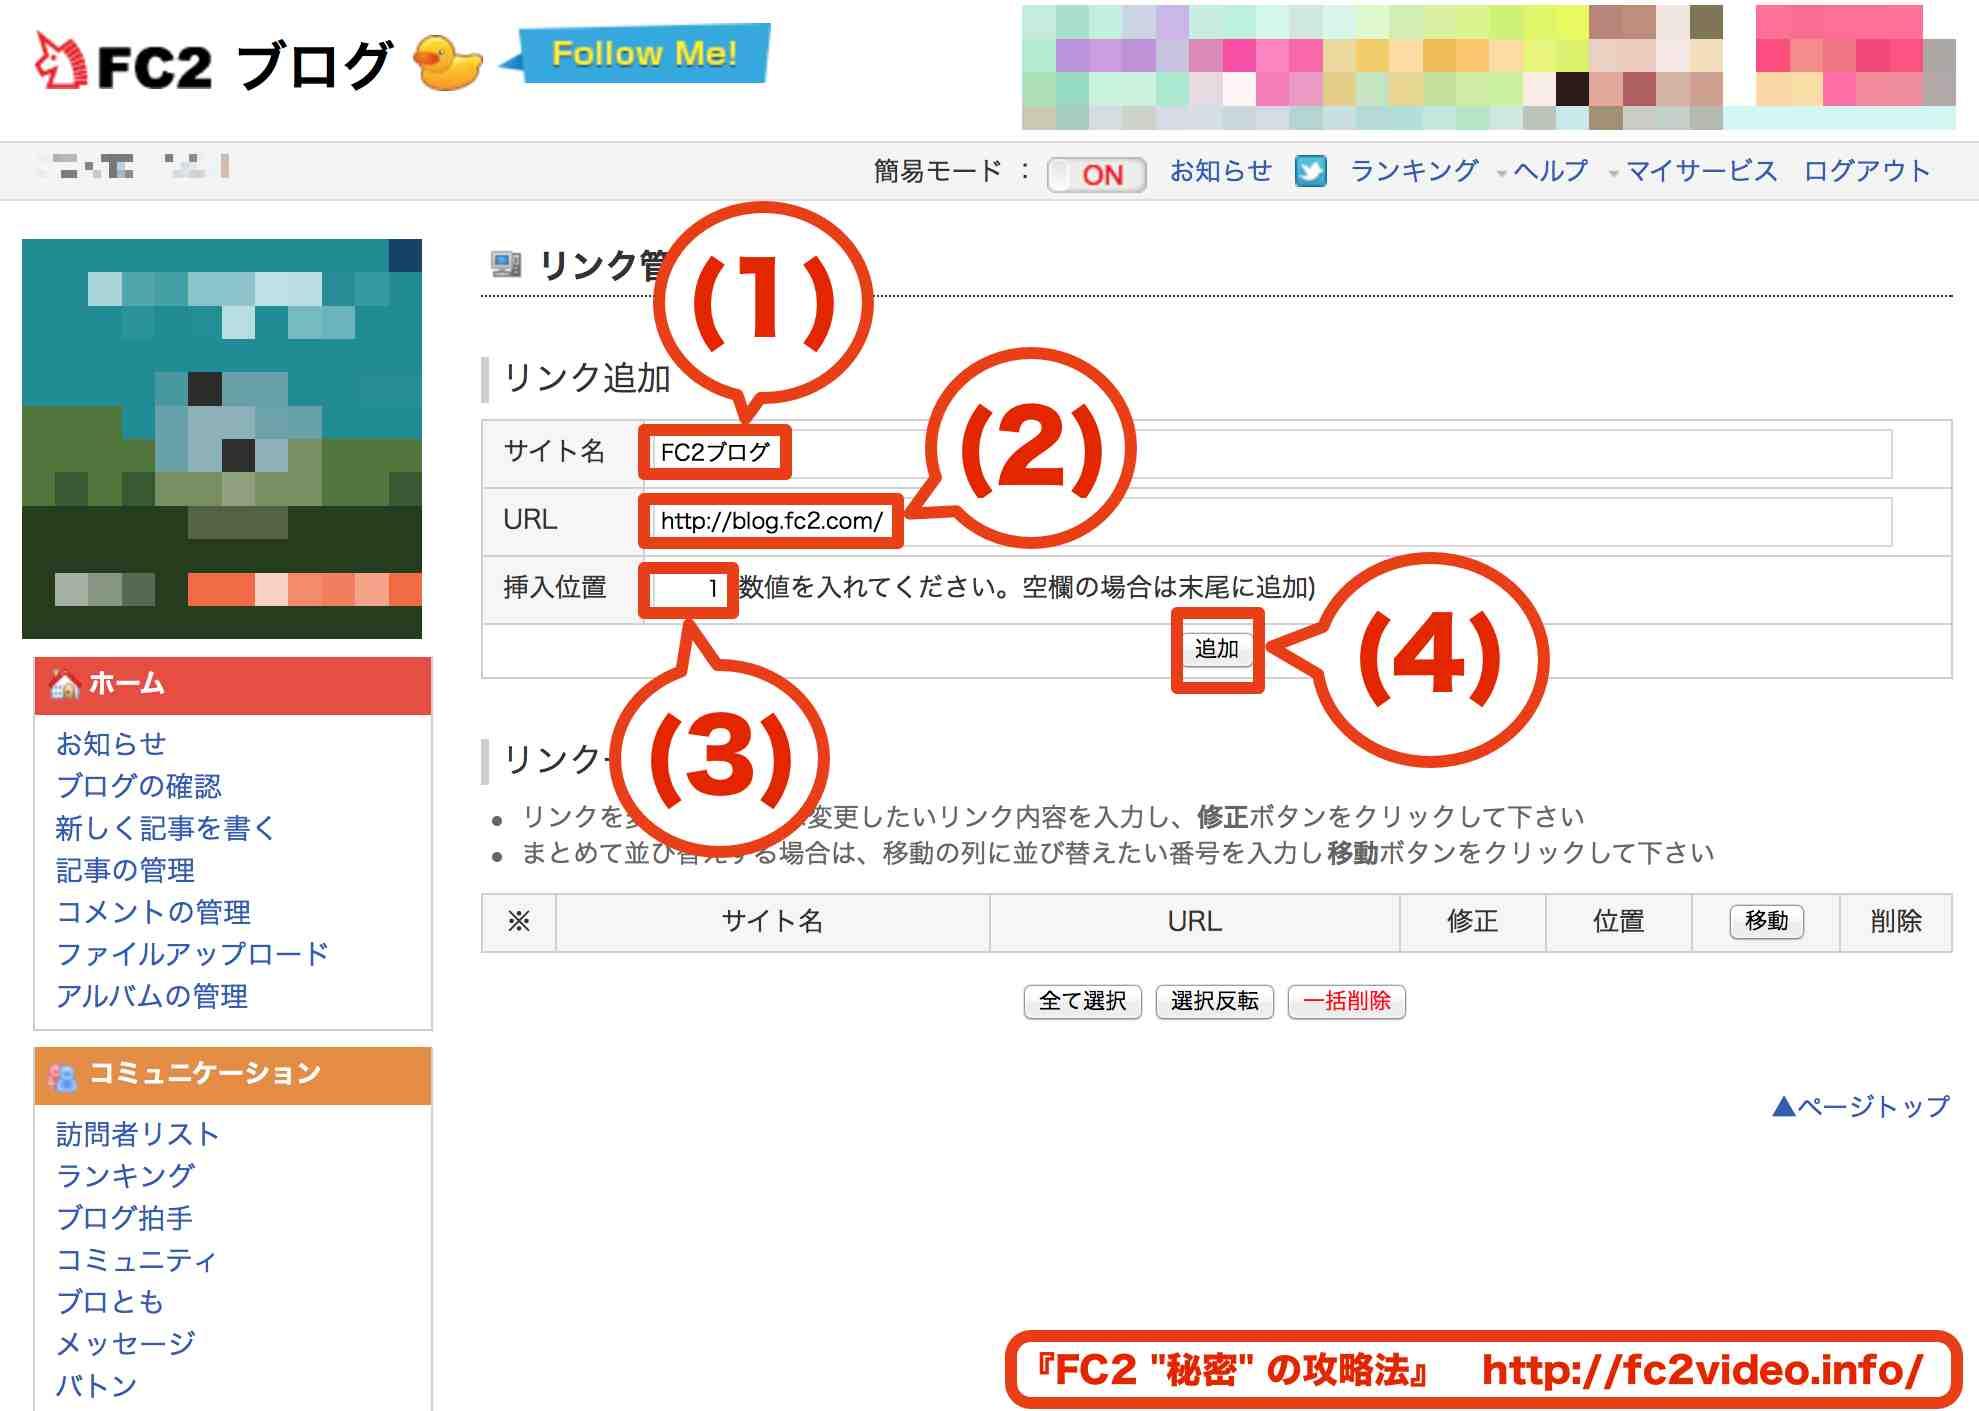 FC2ブログ「リンクの編集(リンク管理)」の使い方2